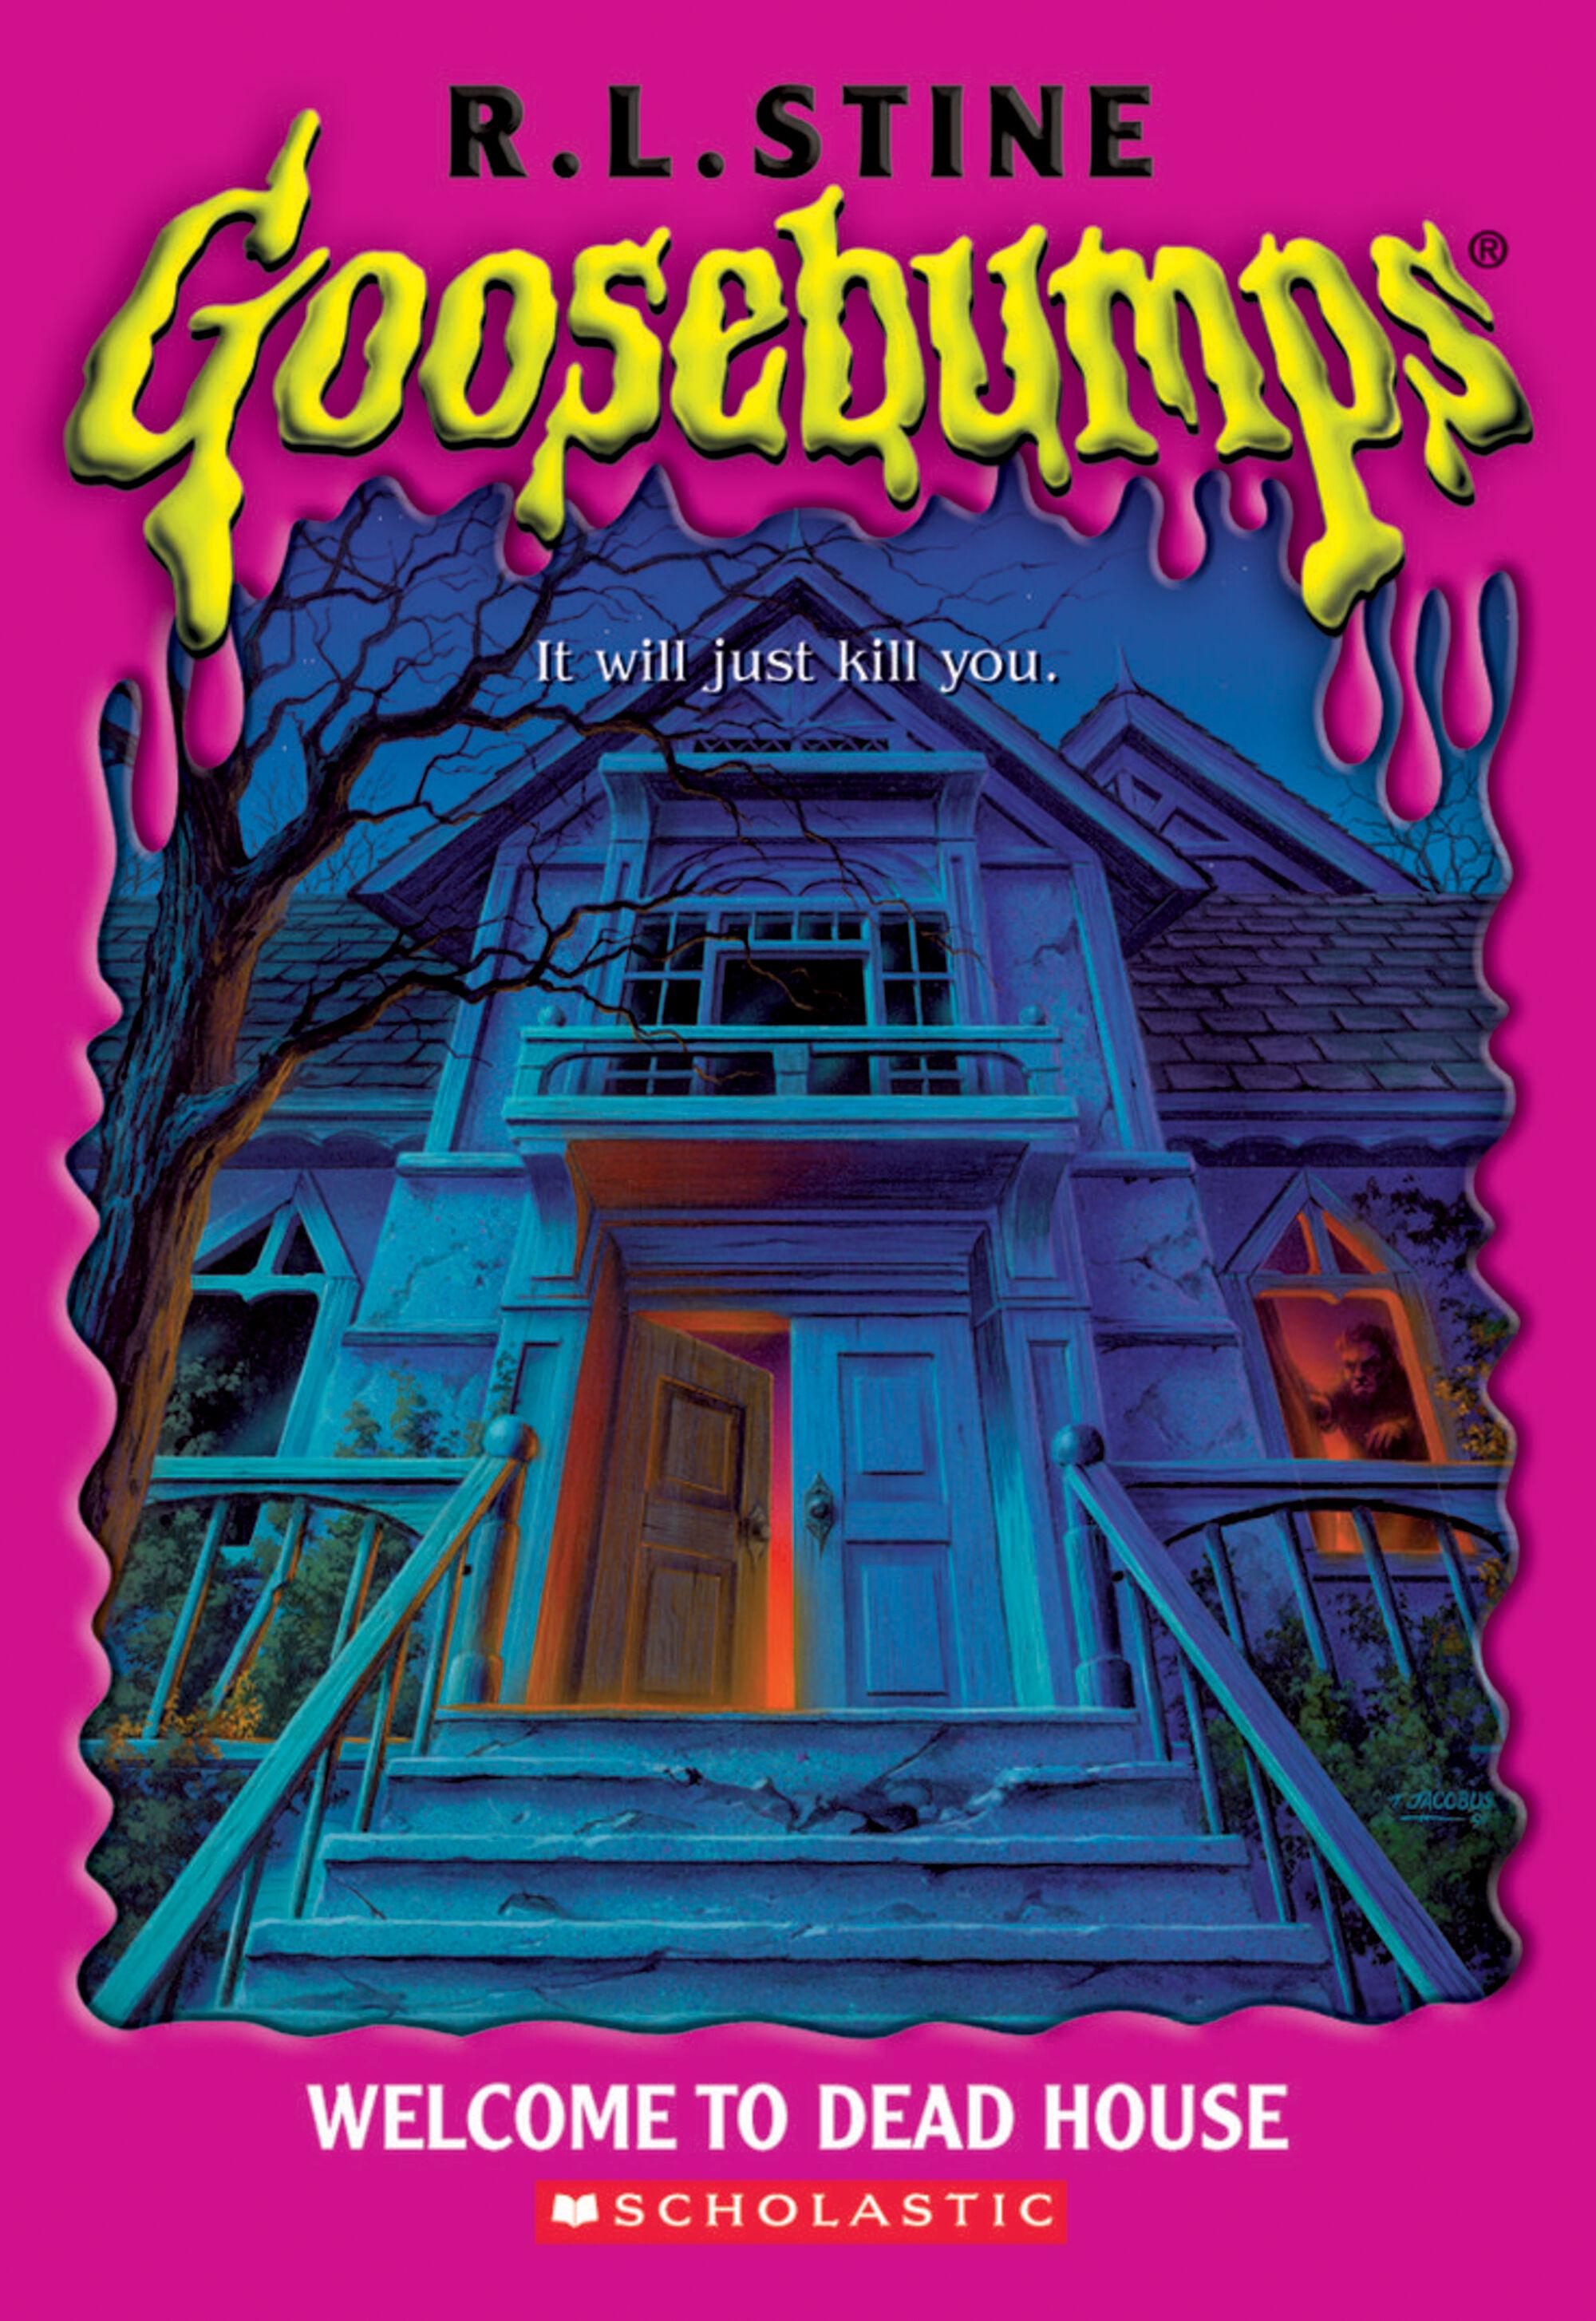 goosebumps series 2000 ebook download